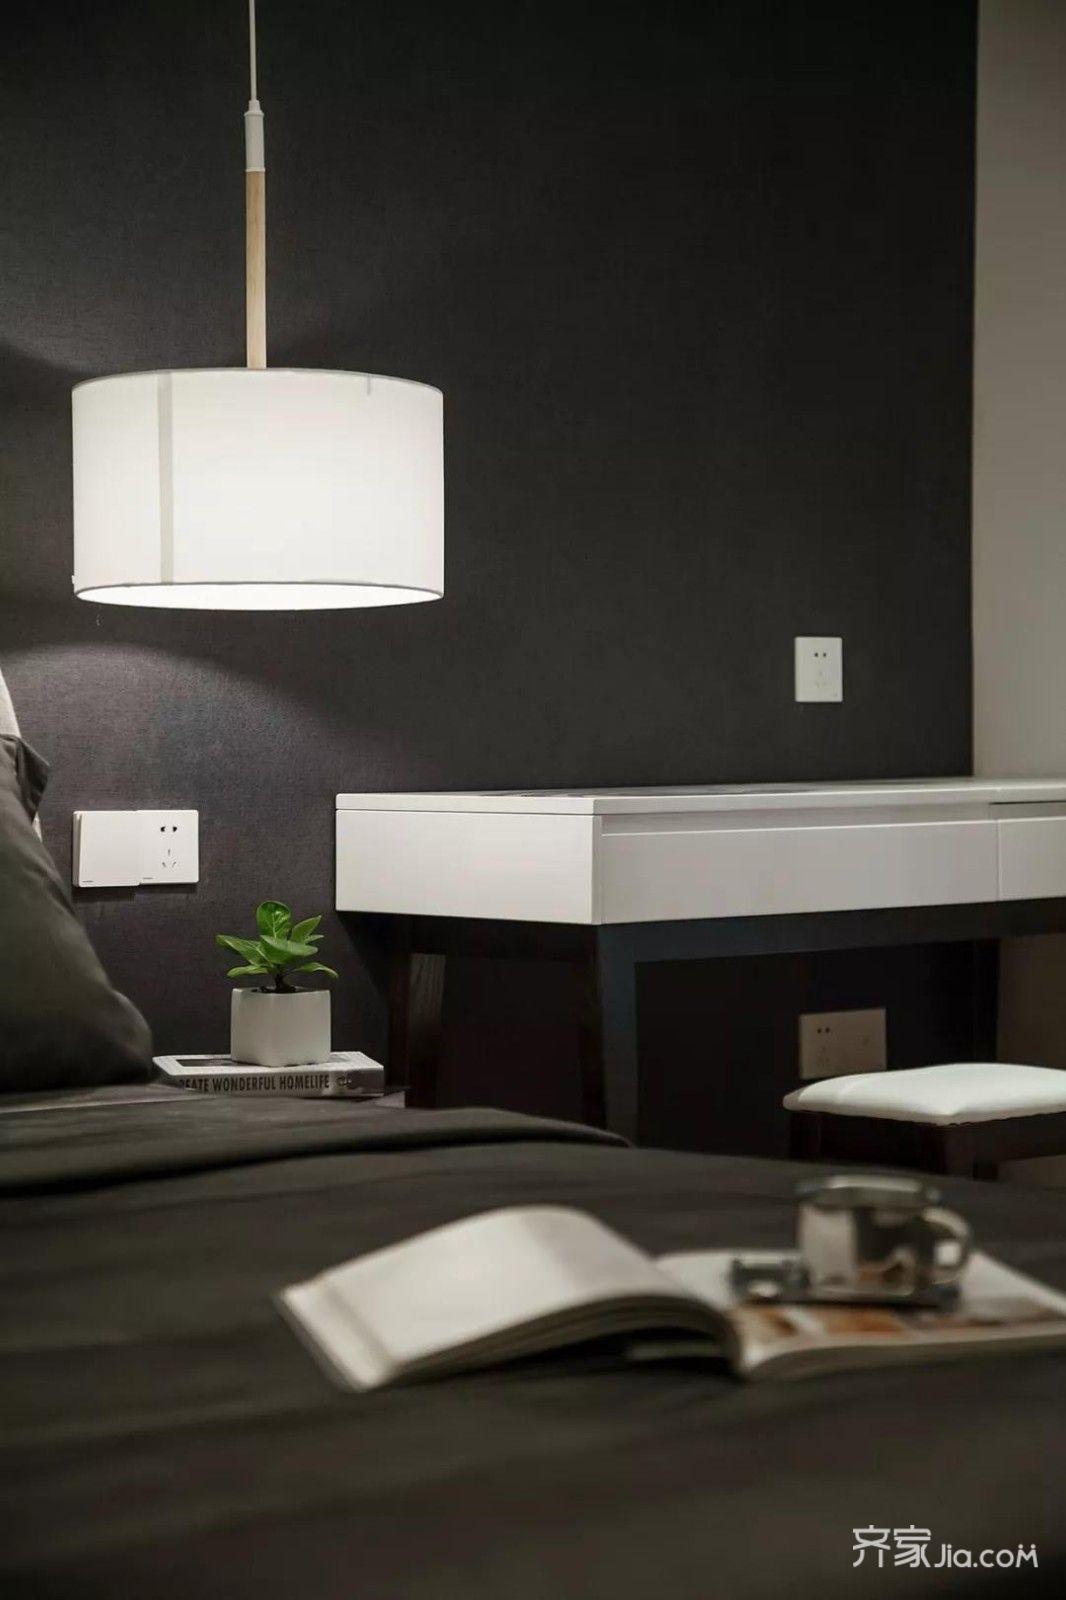 南京装修 南京装修案例 凤凰小区现代港式   主卧黑色调的床头背景墙图片